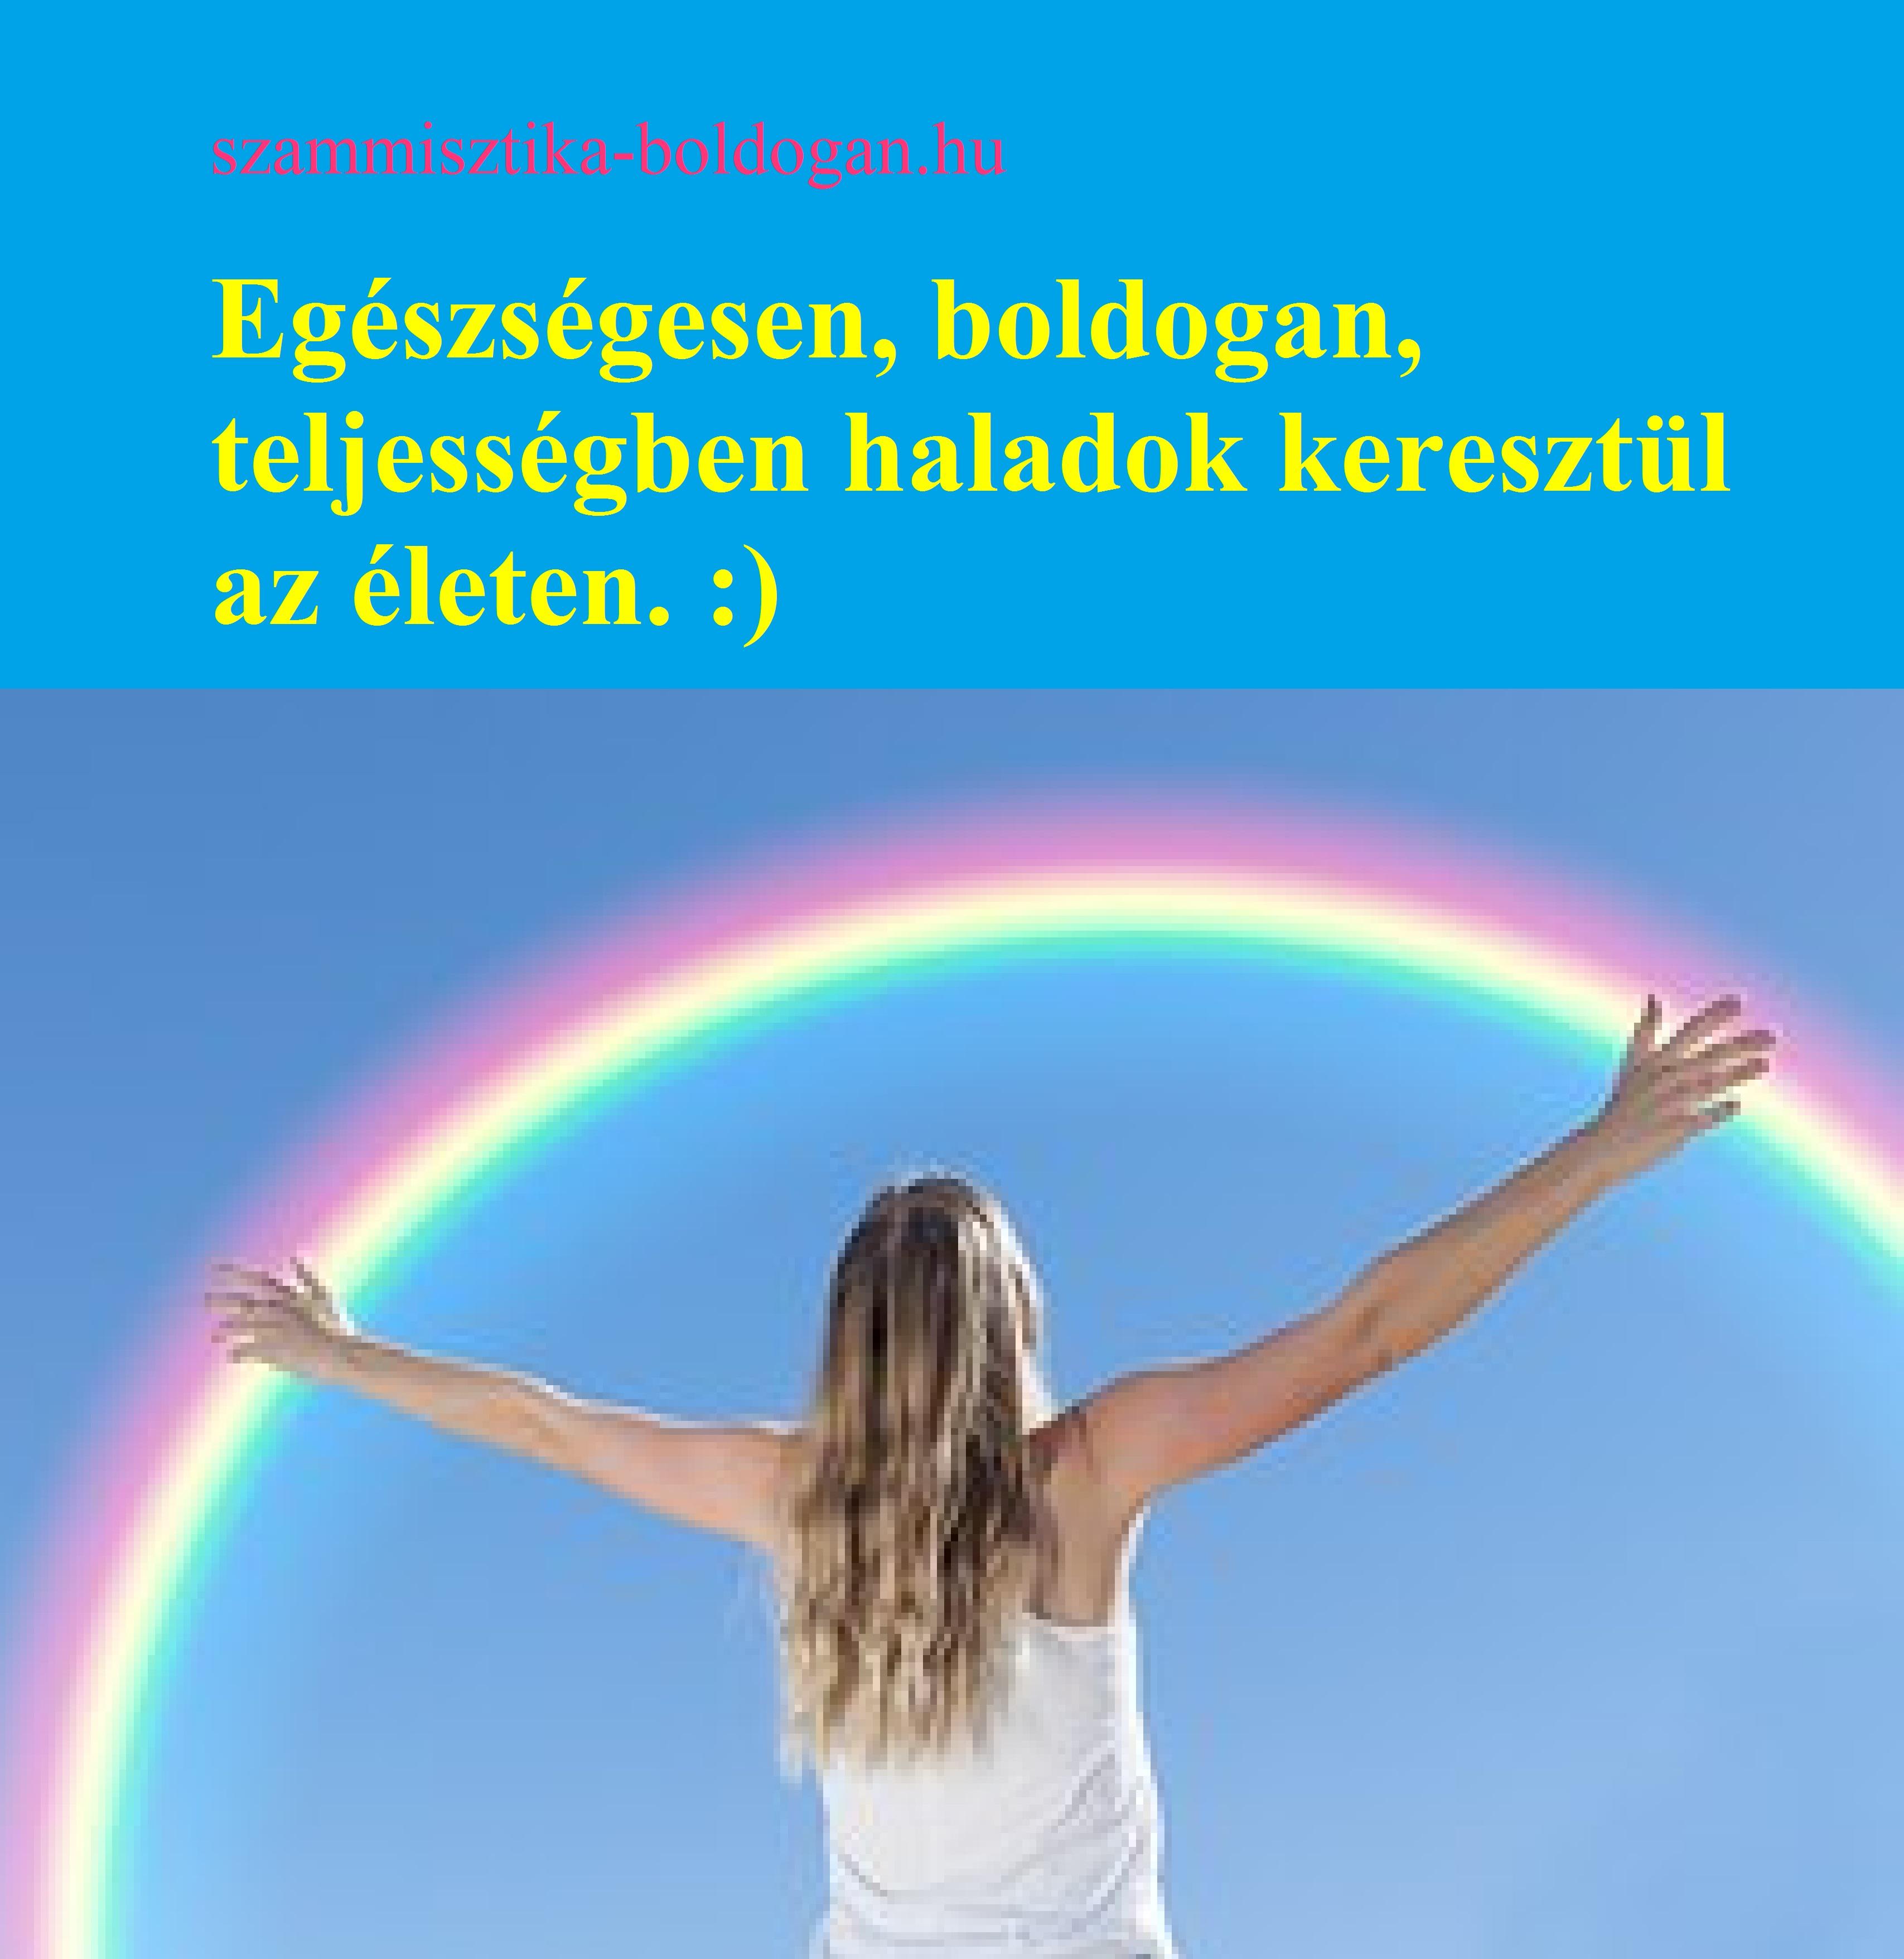 boldogság, teljesség idézet